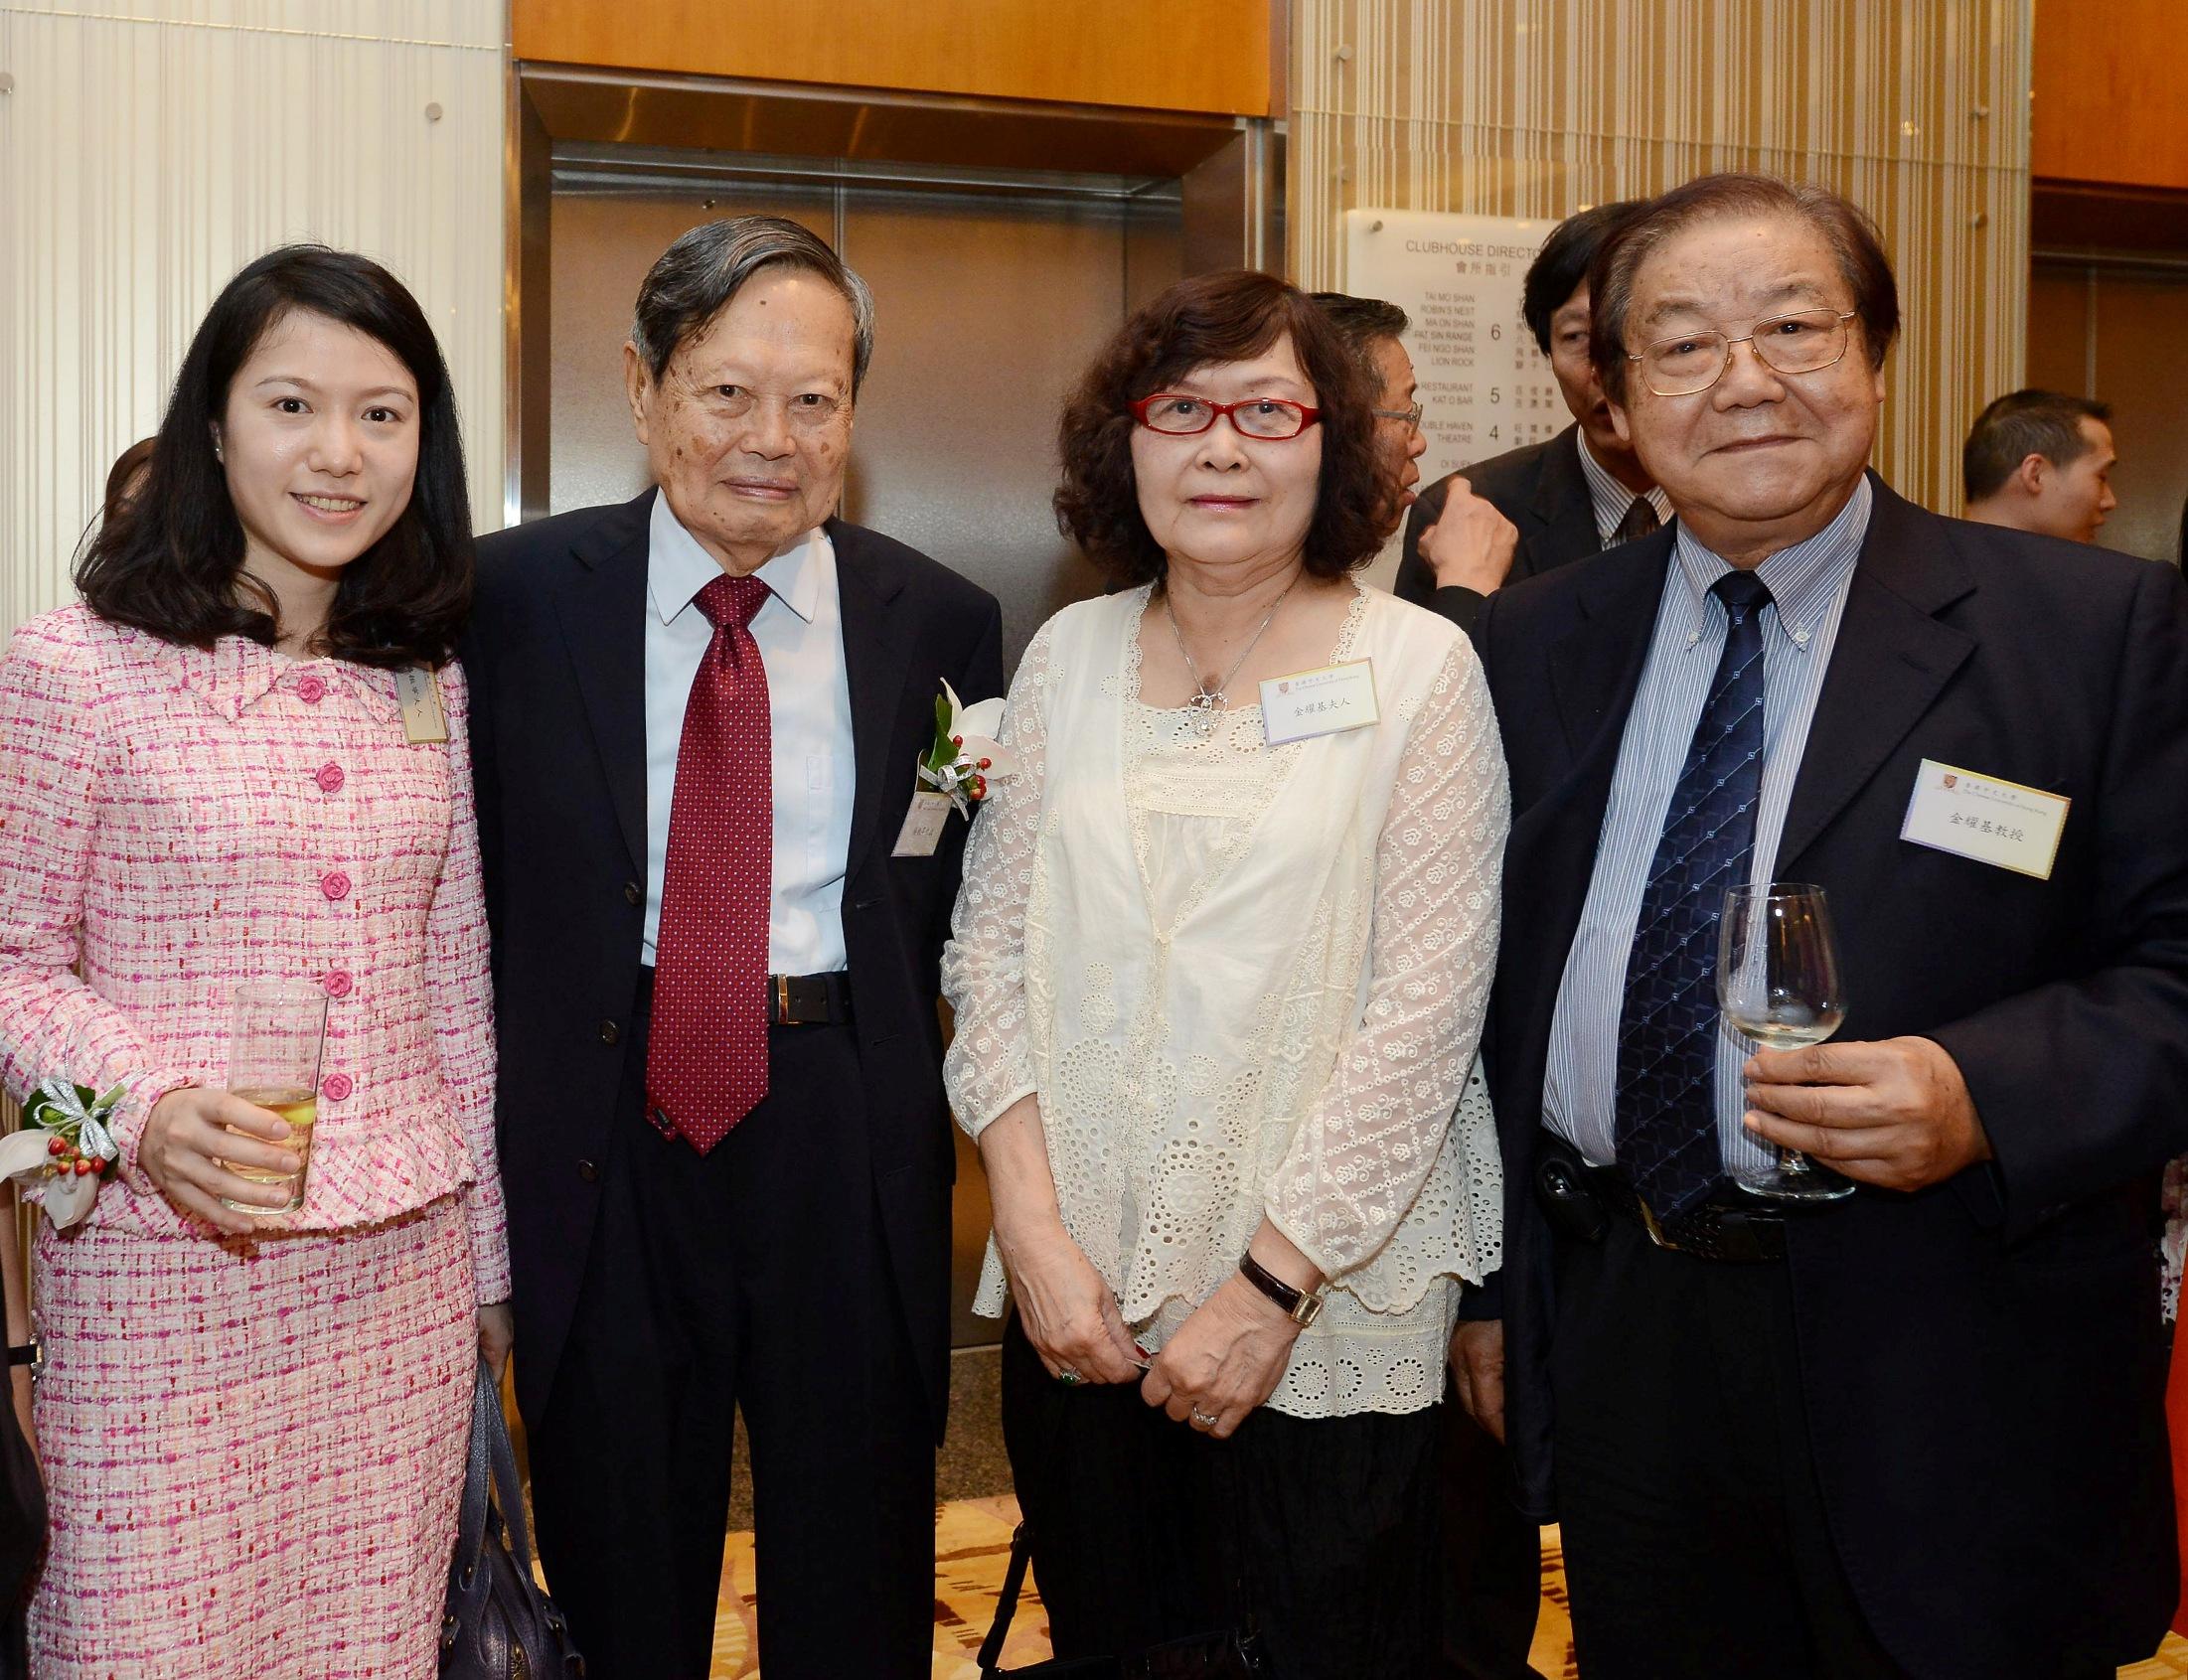 楊振寧教授伉儷與金耀基教授伉儷合照。